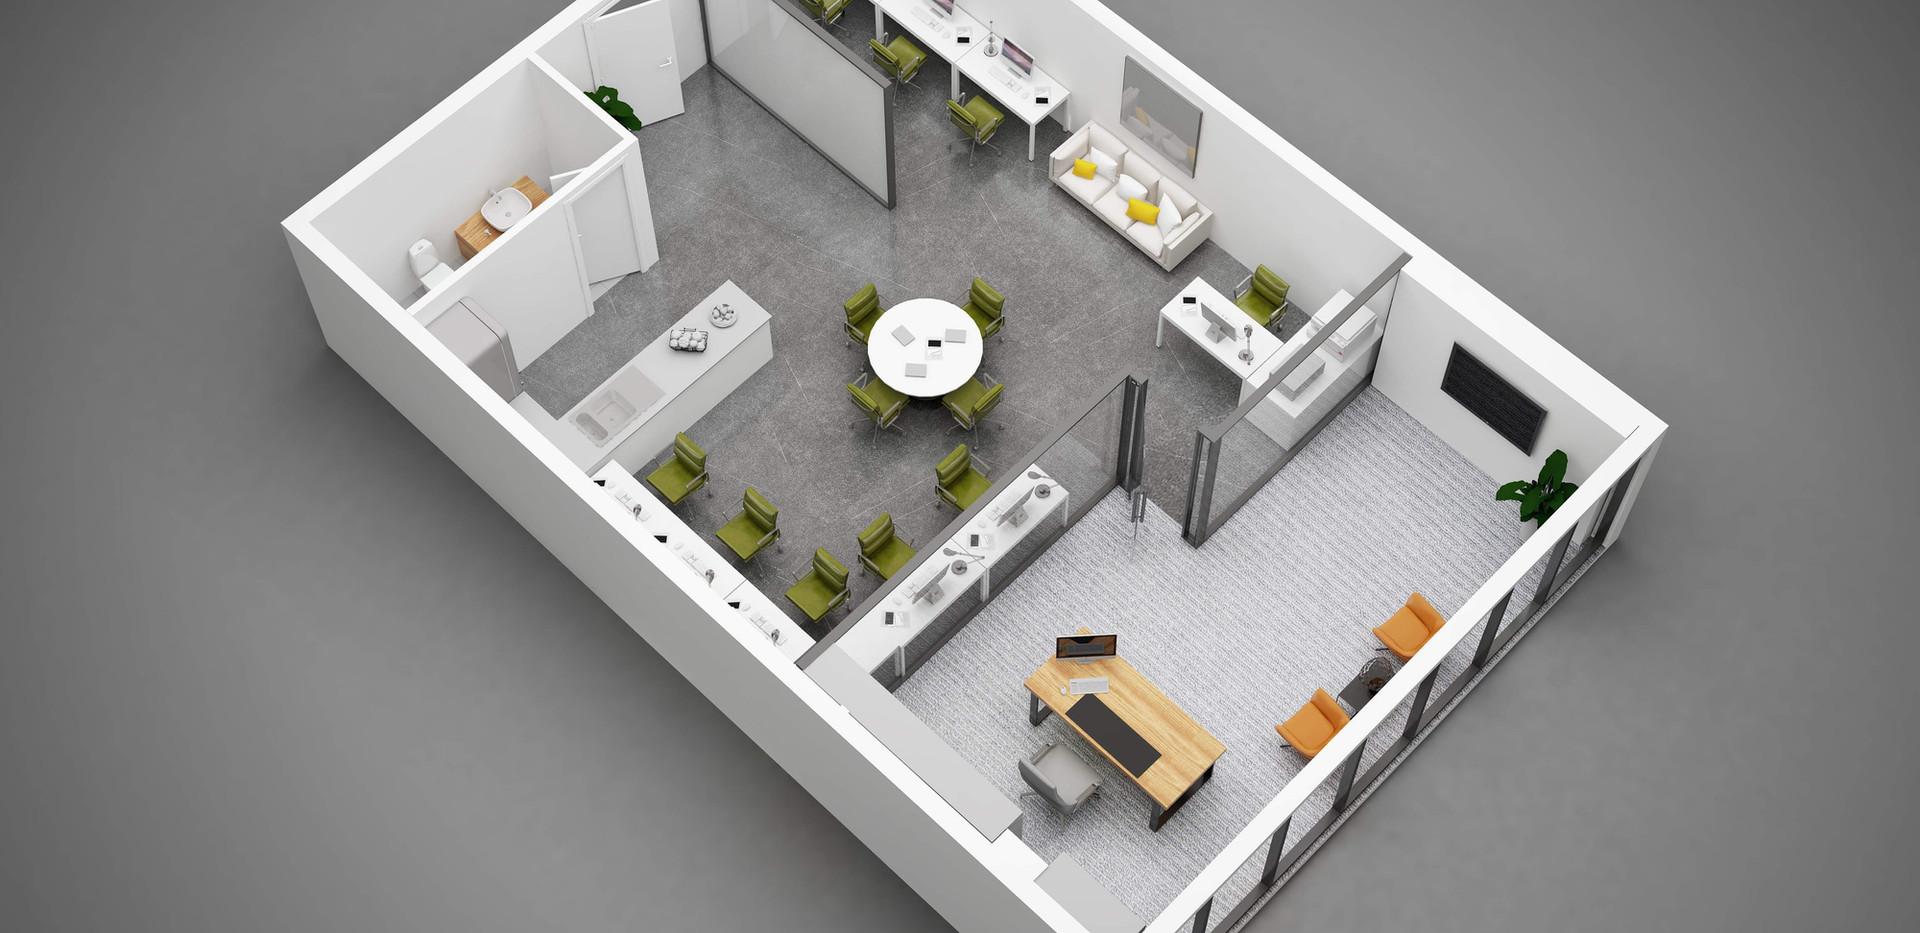 3D Floorplan office